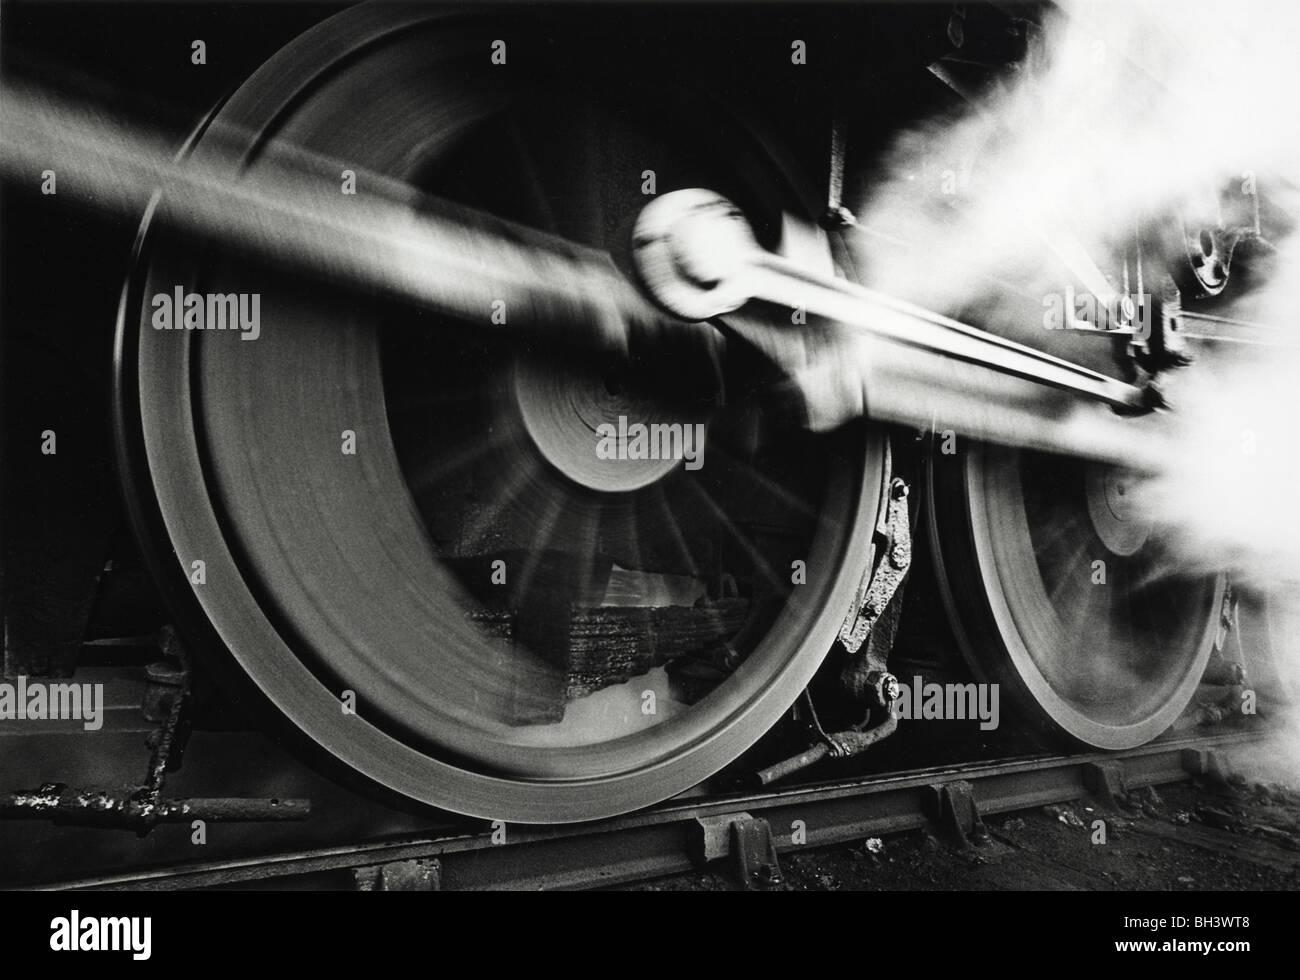 Ex LMS 44709 clase 5 locomotora a vapor de levantarse en 1968 Imagen De Stock